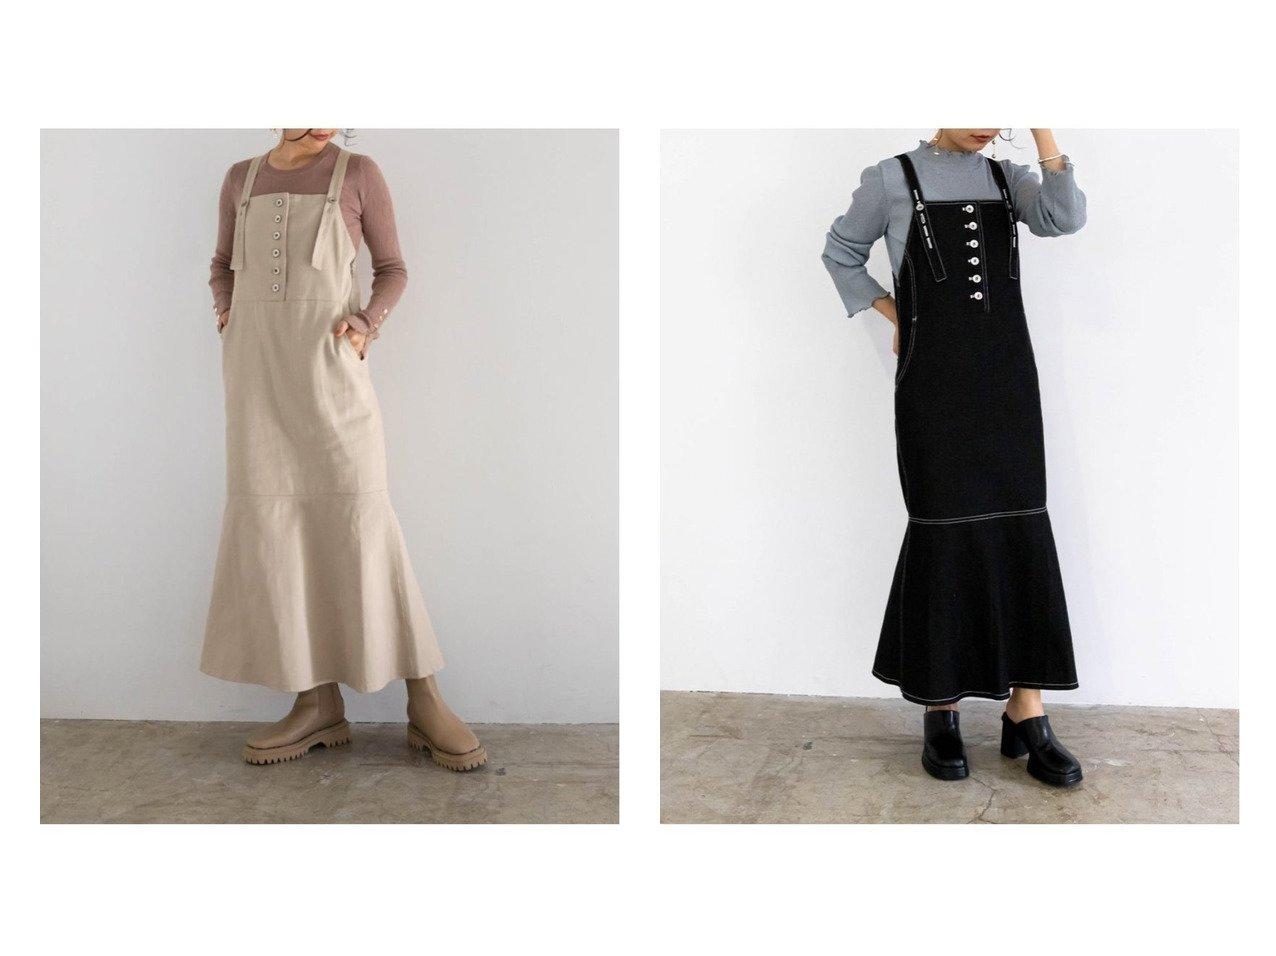 【RANDA/ランダ】のデニムサロペットワンピース おすすめ!人気、トレンド・レディースファッションの通販 おすすめで人気の流行・トレンド、ファッションの通販商品 インテリア・家具・メンズファッション・キッズファッション・レディースファッション・服の通販 founy(ファニー) https://founy.com/ ファッション Fashion レディースファッション WOMEN ワンピース Dress サロペット Salopette インナー エレガント カットソー シンプル スリーブ デニム トレンド ビッグ マーメイド  ID:crp329100000072414